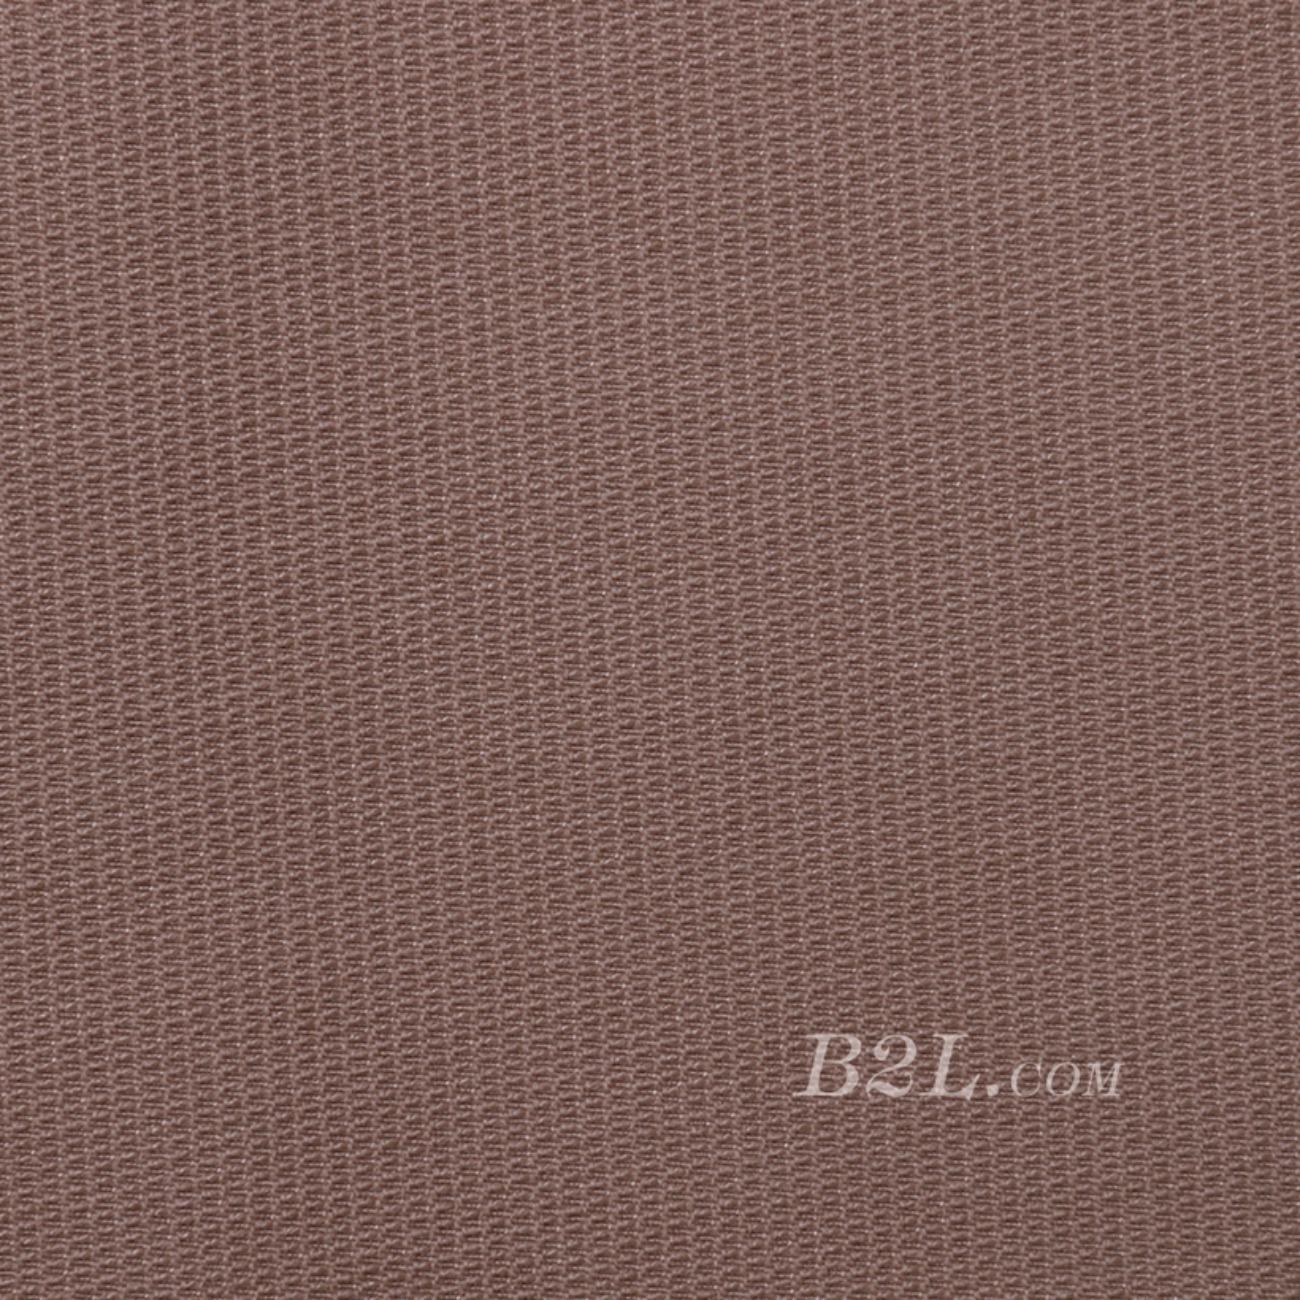 素色 梭织 染色 外套 连衣裙 短裙 衬衫 女装 80518-19